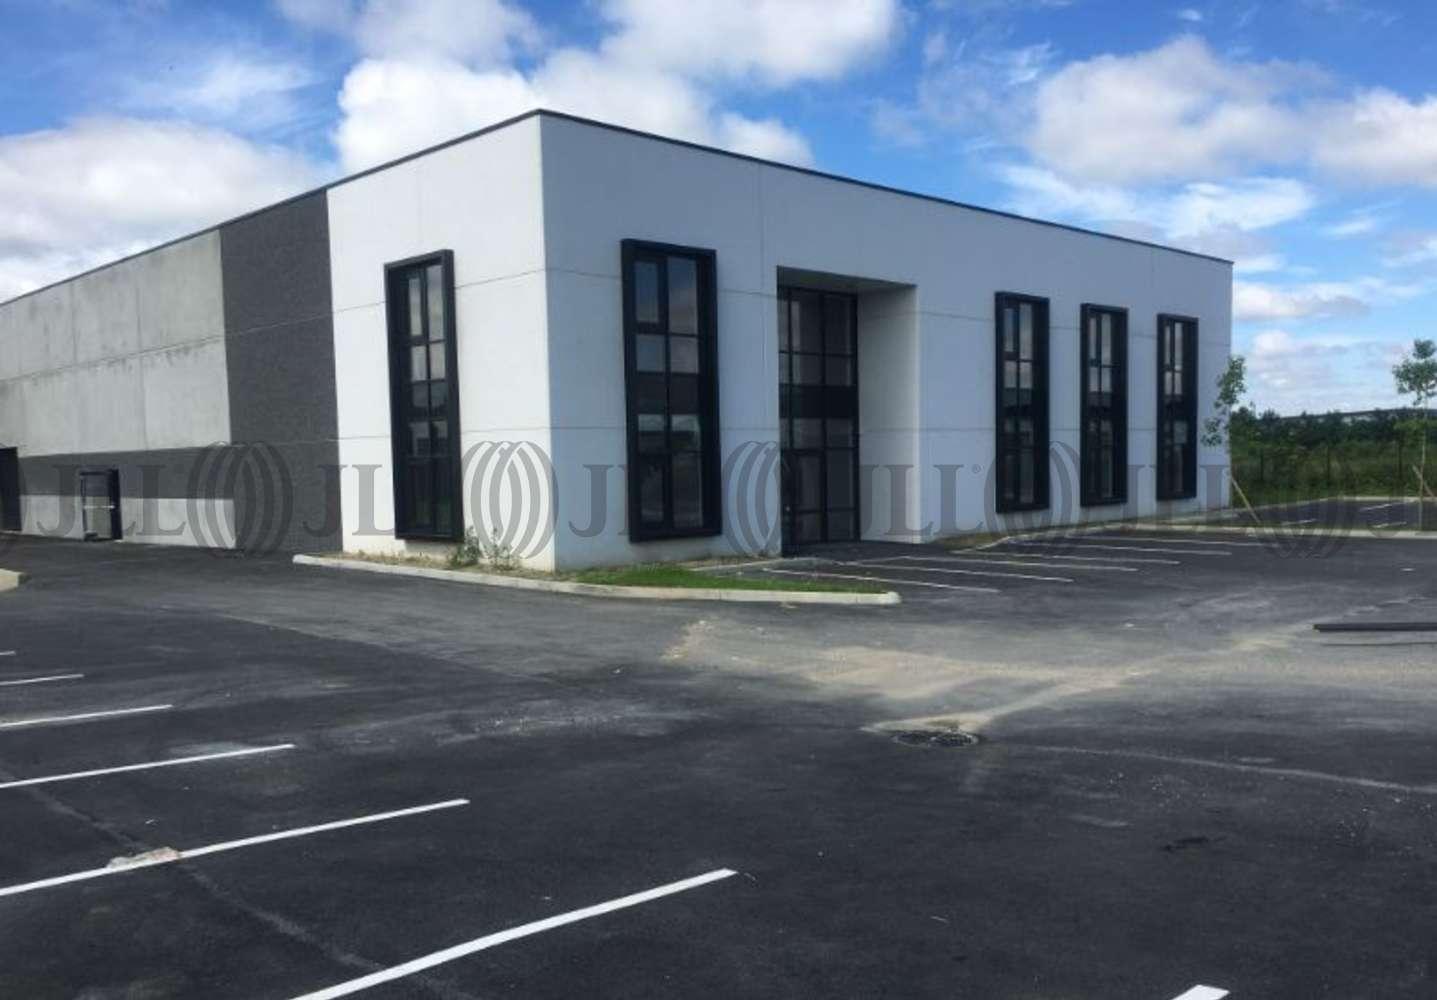 Activités/entrepôt Ferrieres en brie, 77164 - ZAC DU BEL AIR - 9461834